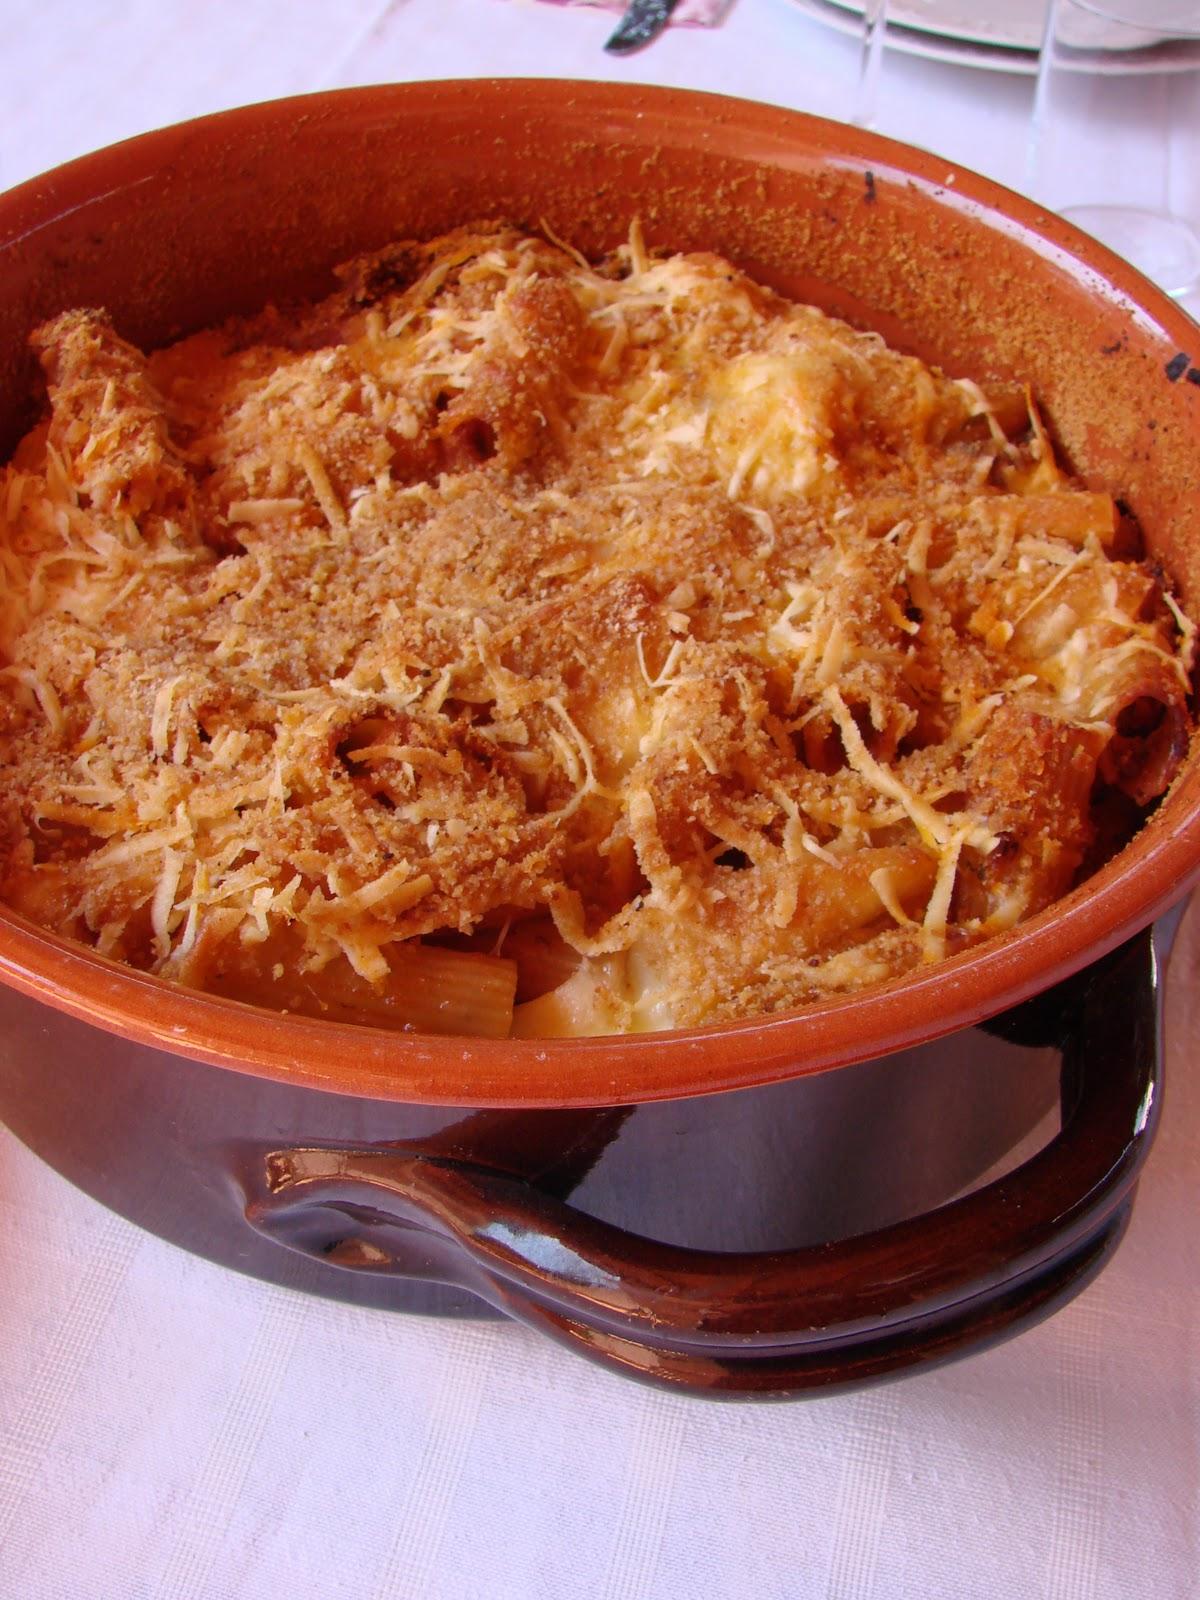 Scorza d 39 arancia un piatto della cucina siciliana che non conoscevo - Piatto della cucina povera ...